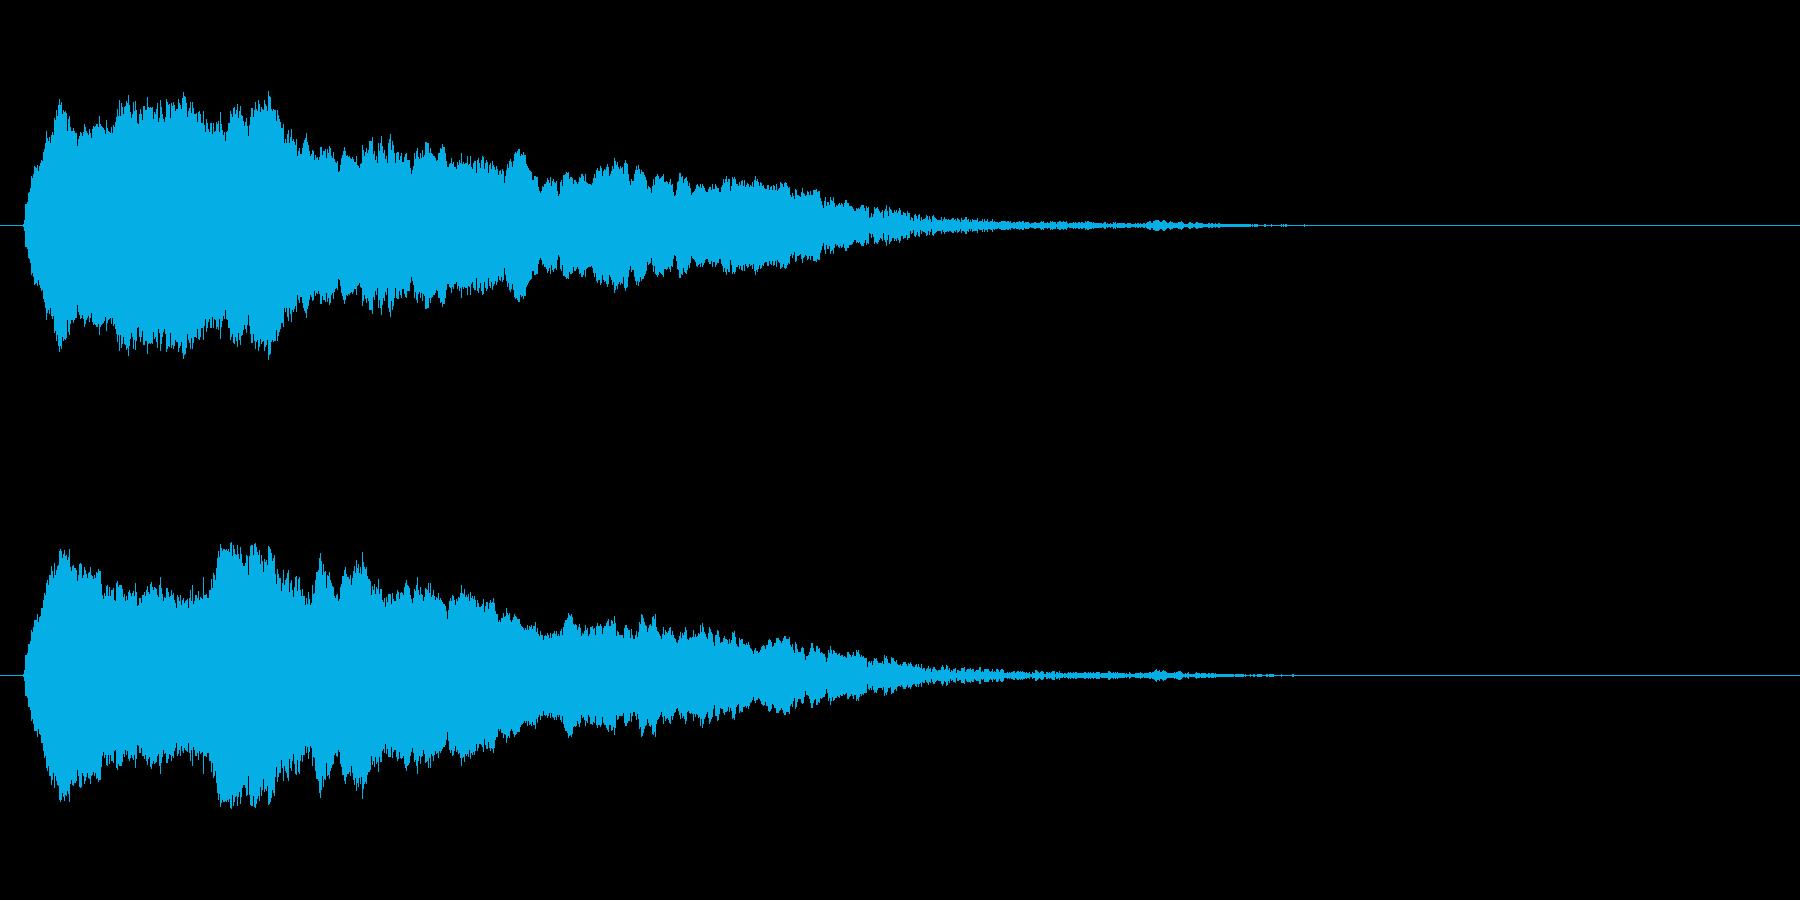 「ピ〜ッ!」警笛による鳥の鳴き声の擬音の再生済みの波形